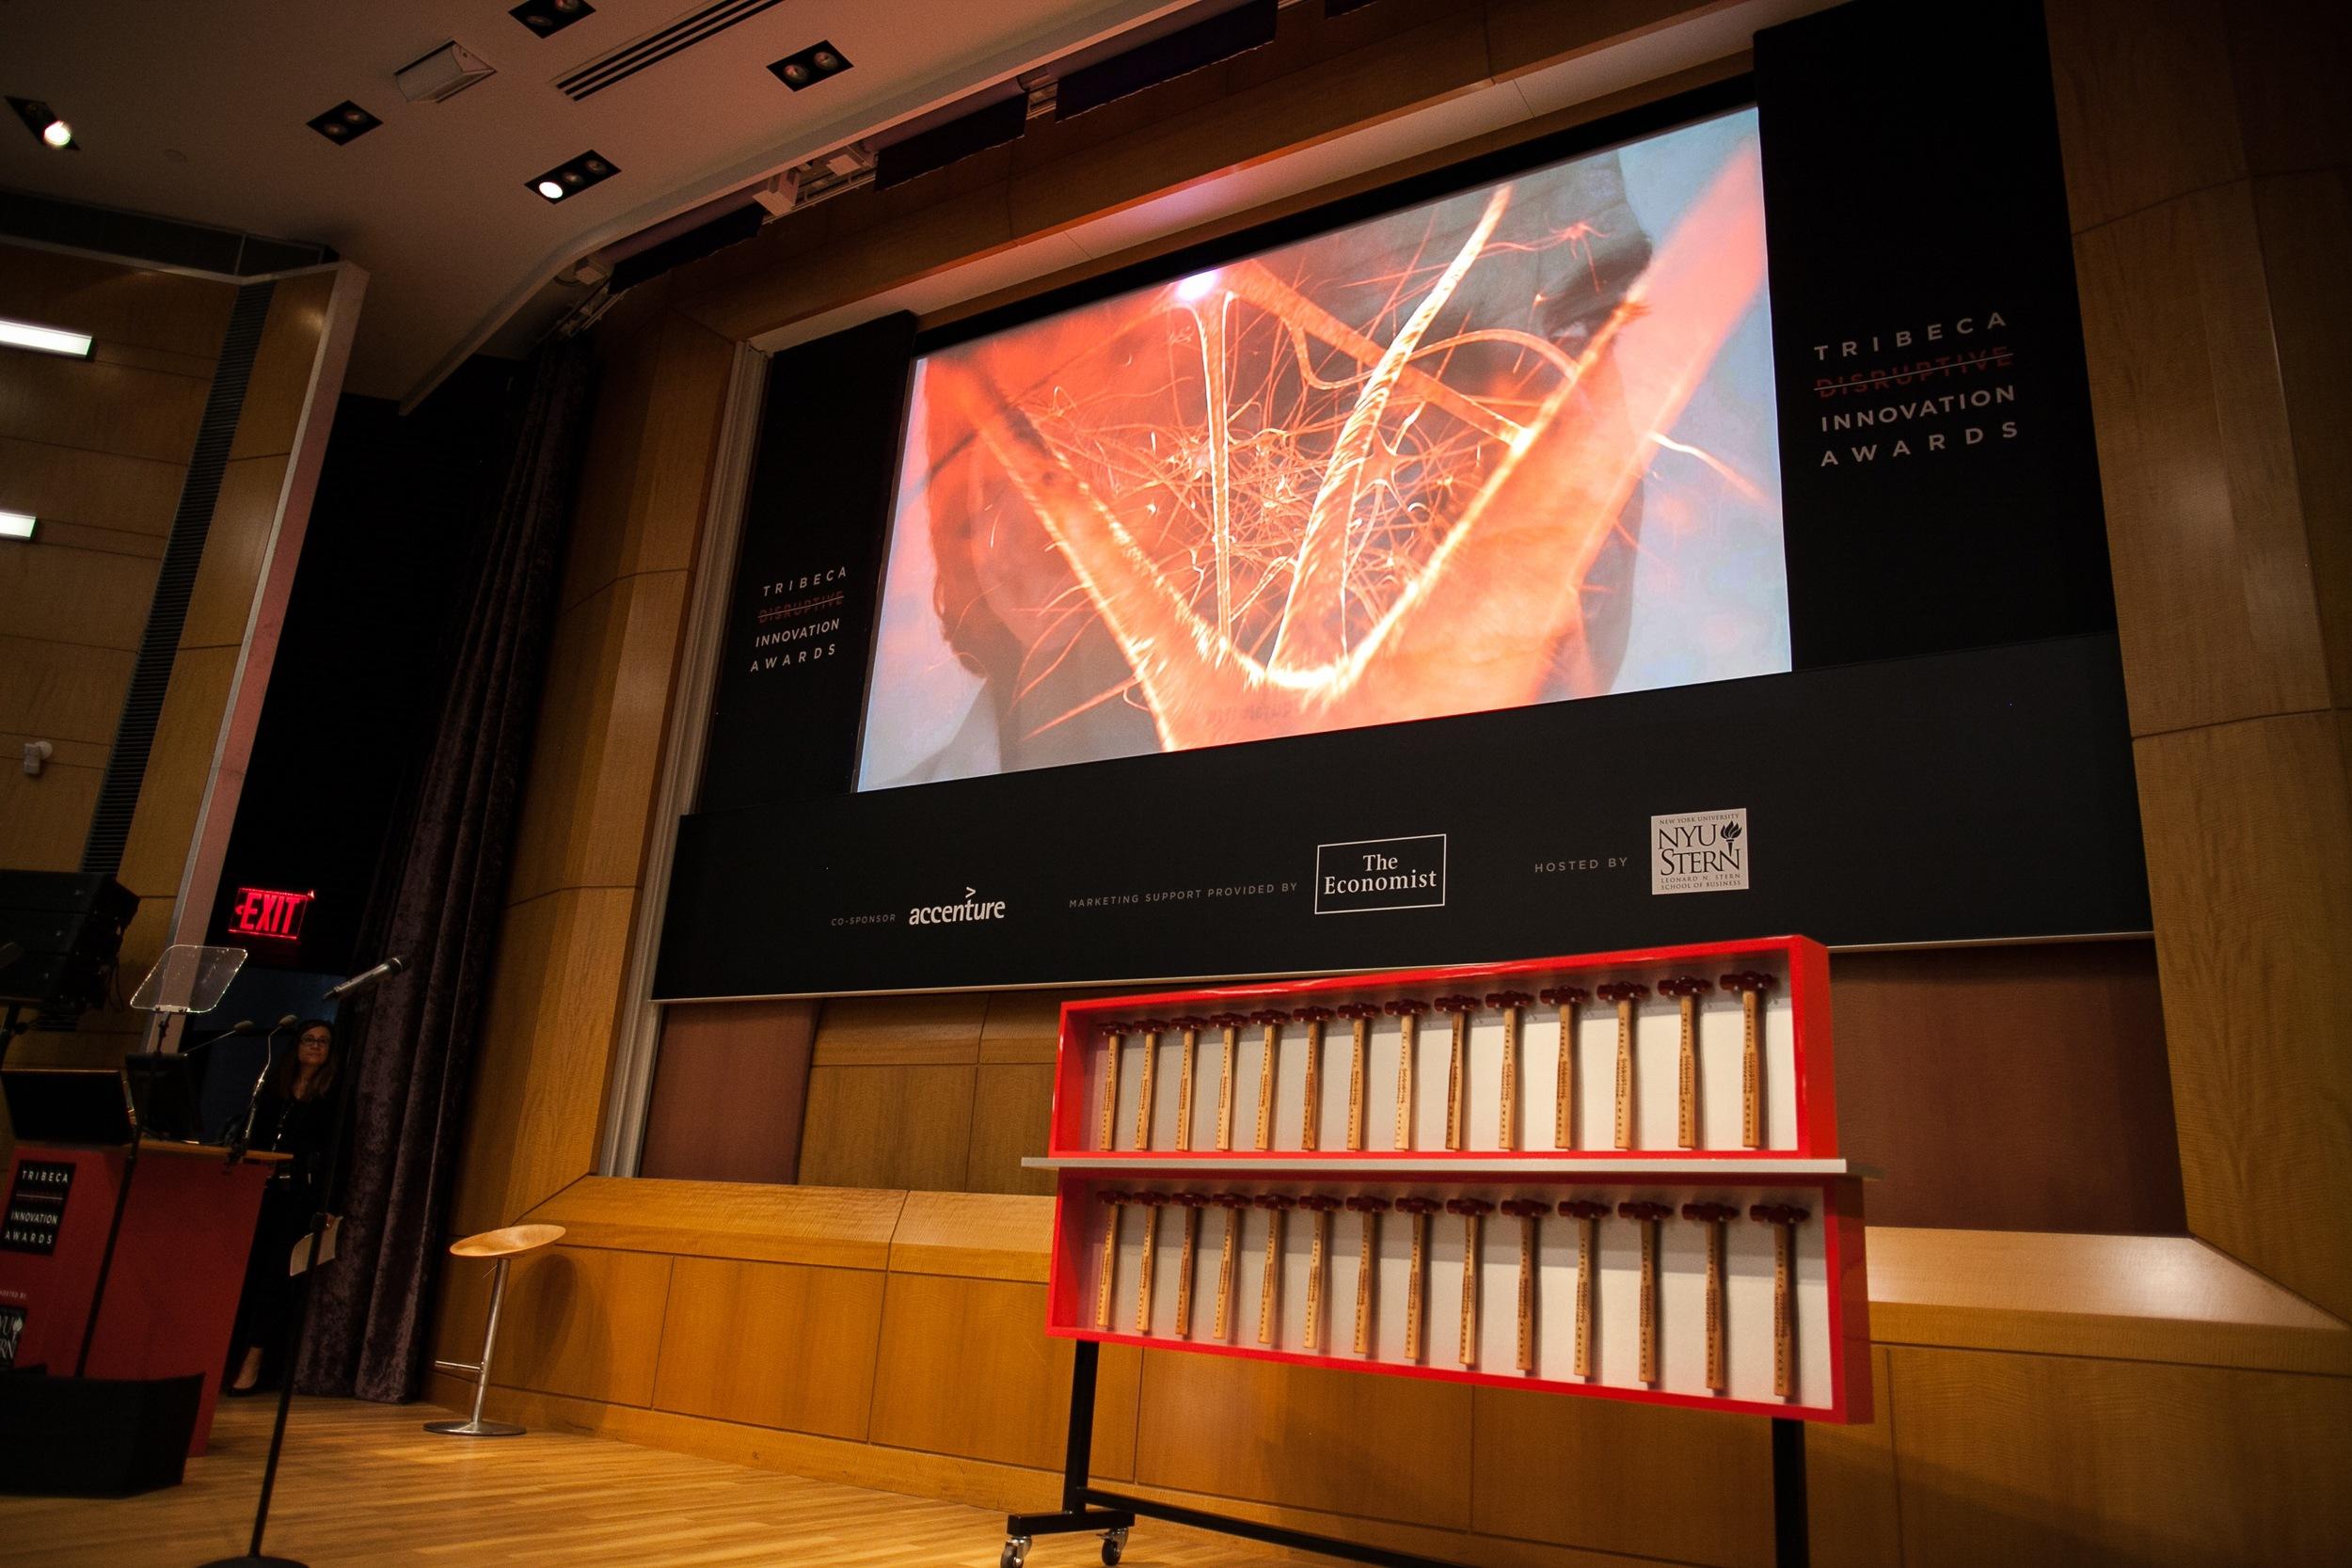 Tribeca Disruptive Innovation Awards 2013 - 034.jpg